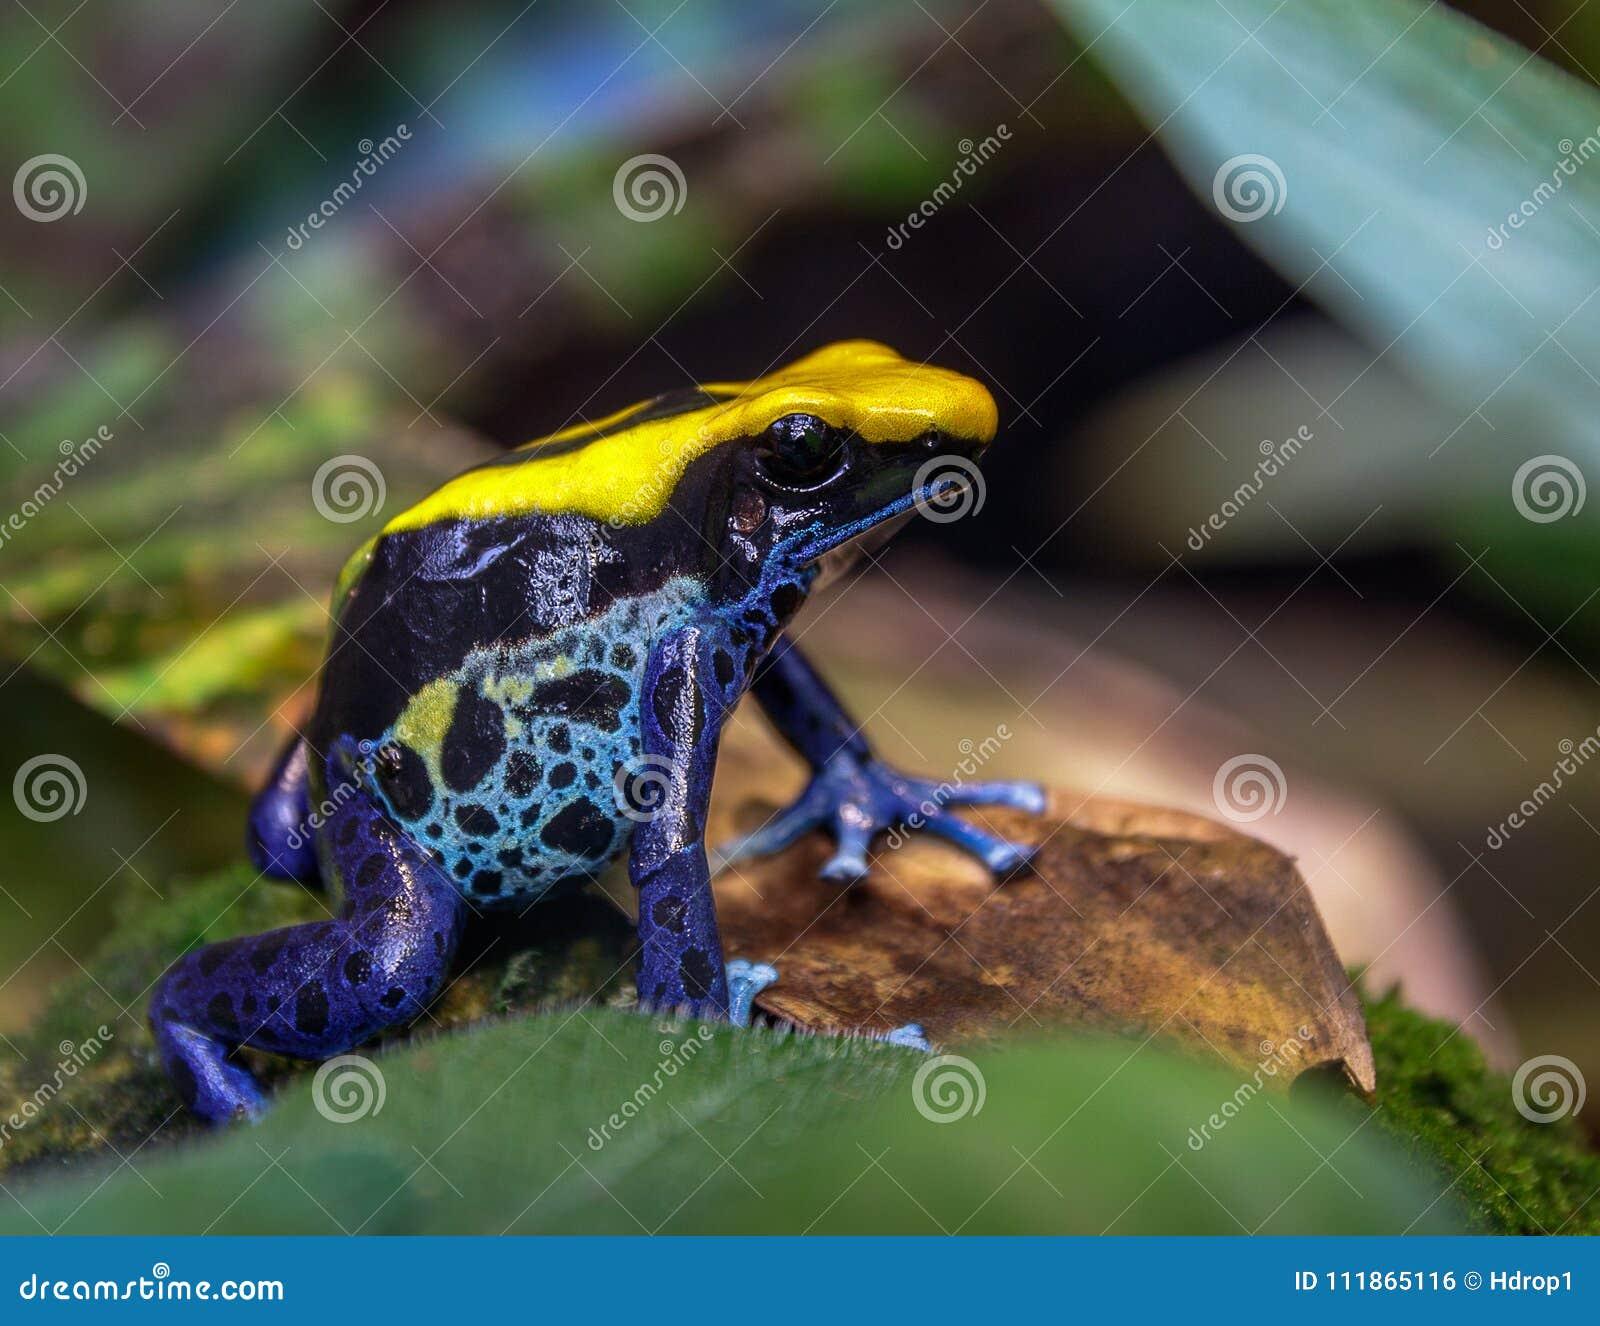 Blue and yellow Brazilian poison dart tree frog dendrobates tinctorius